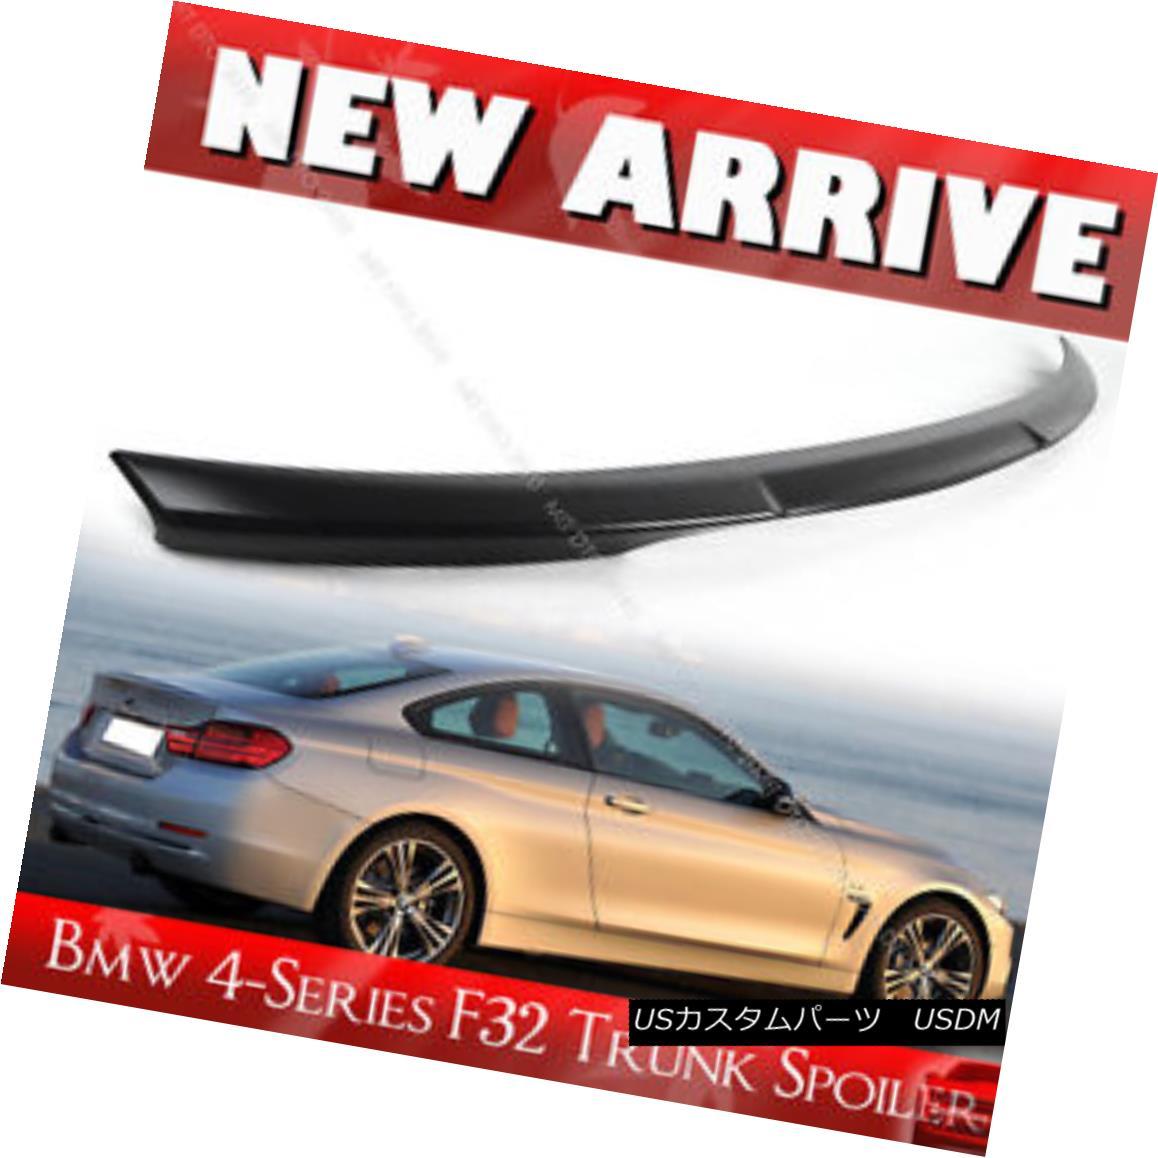 エアロパーツ BMW 4-Series F32 Coupe M4 Look Trunk Spoiler Unpainted ABS 420i New 2017 BMW 4シリーズF32クーペM4ルック・トランク・スポイラー未塗装ABS 420i New 2017